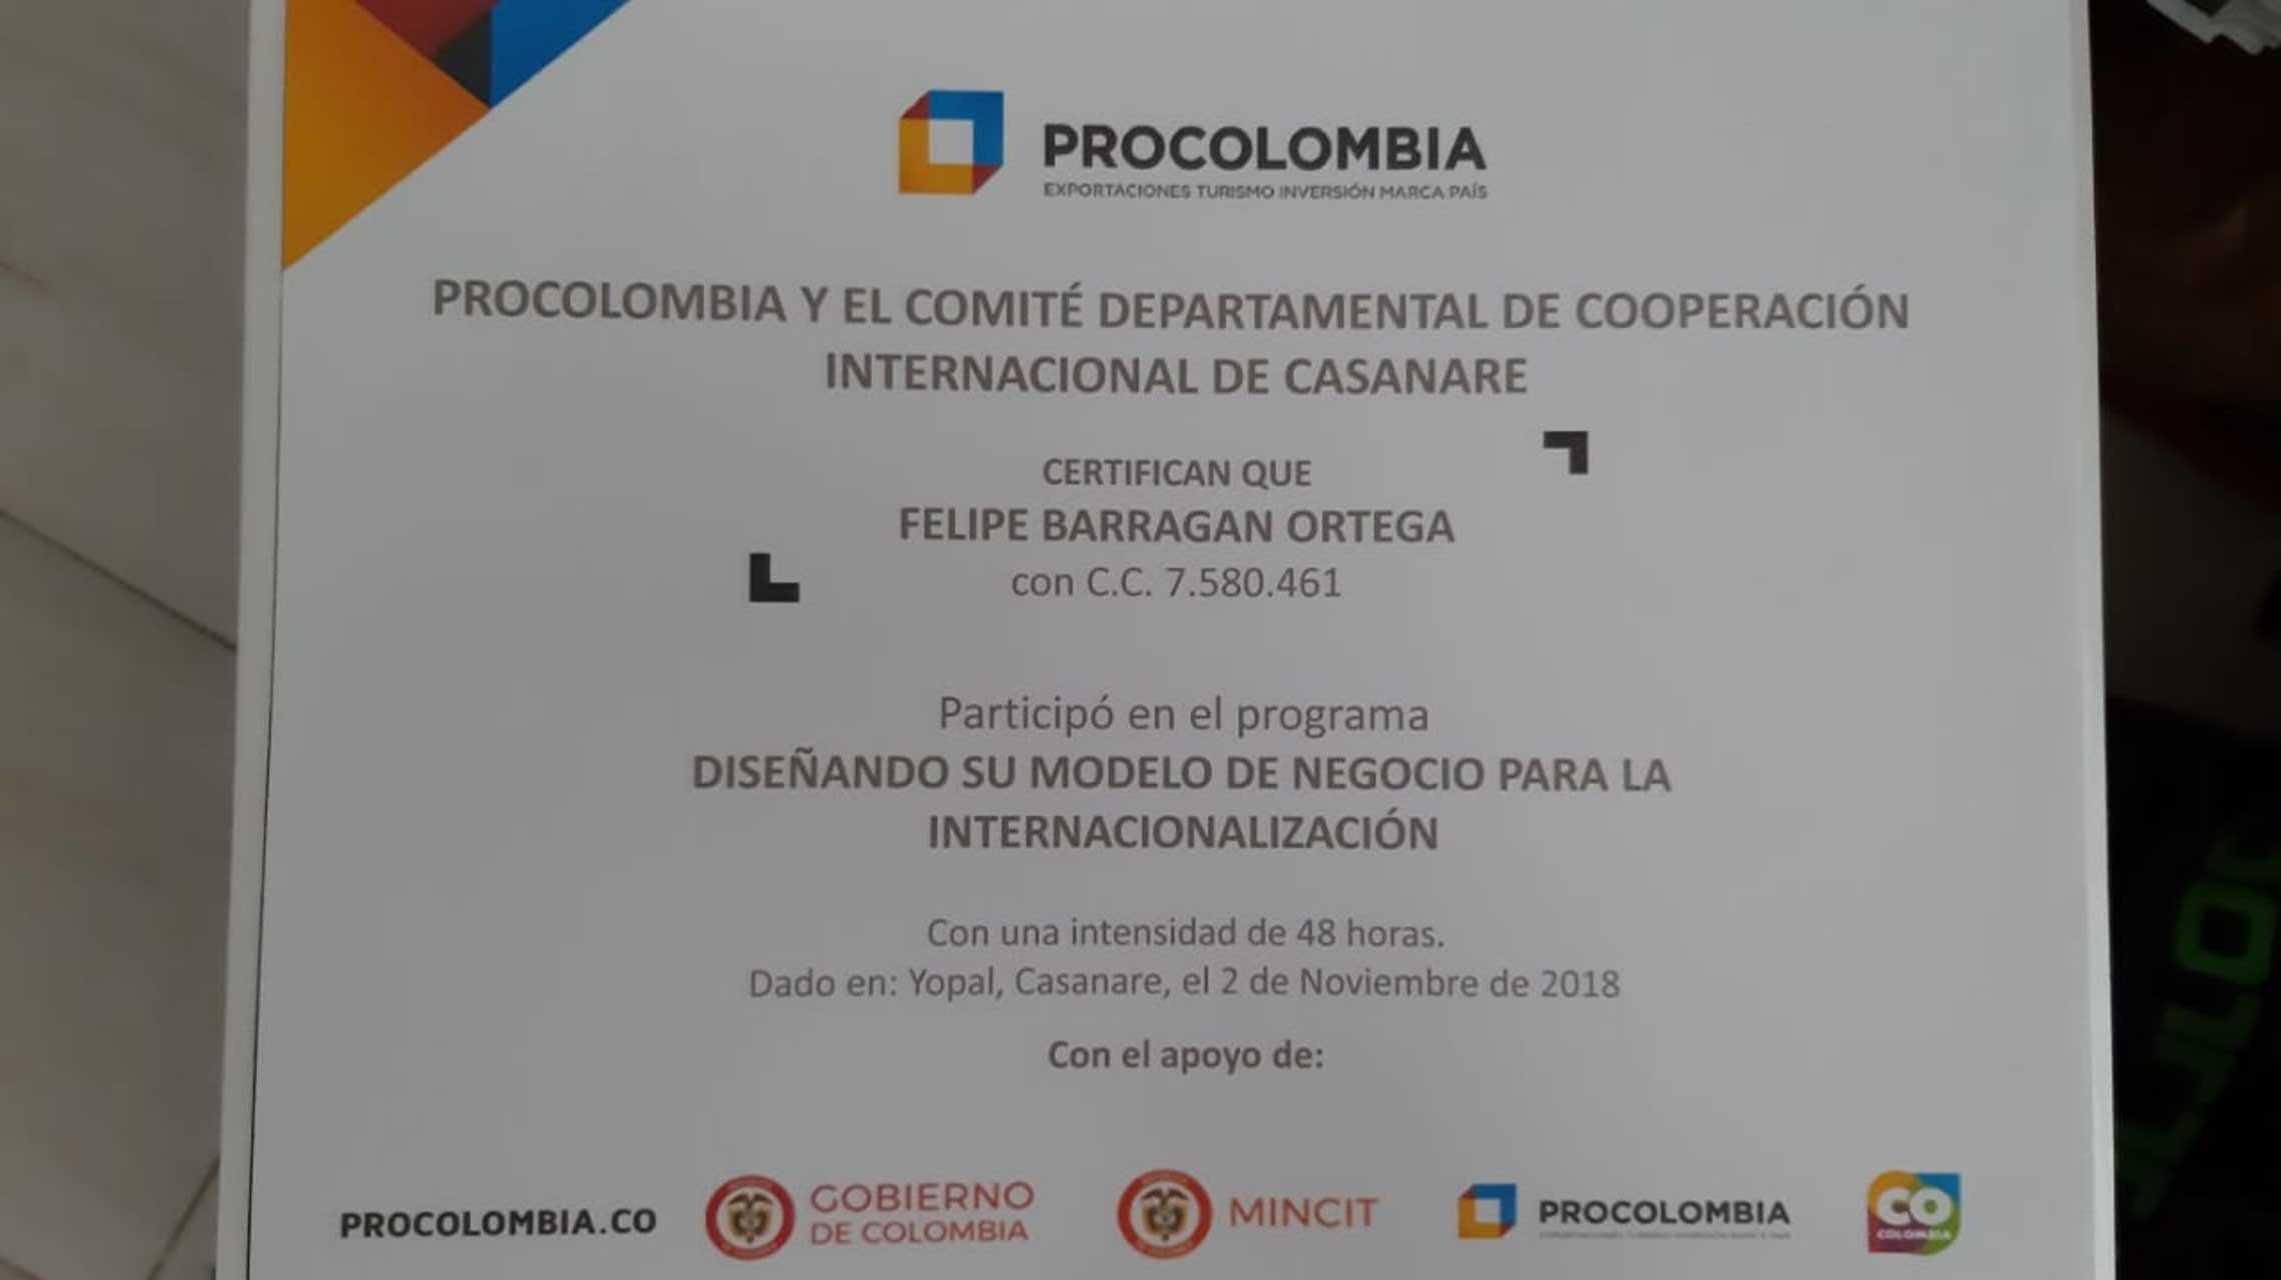 Diseñando su Modelo de Negocio para la Internacionalización Emprendimiento Artesanal NakaoChocolate.